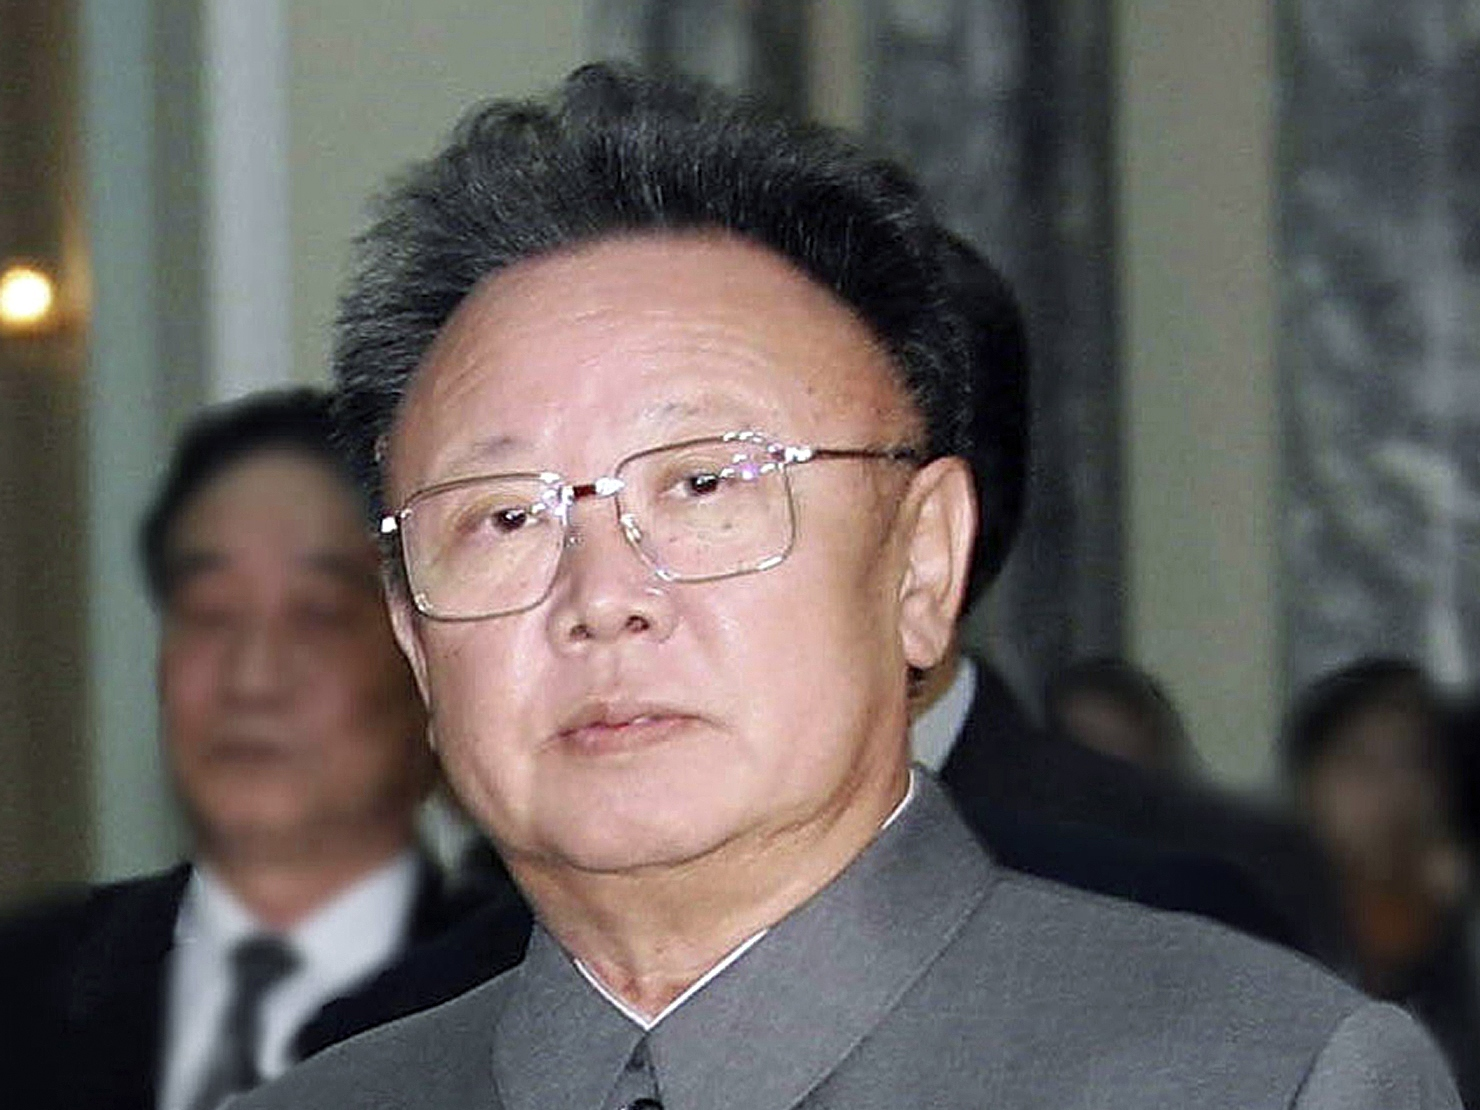 Der MI6 untersucht, ob Nordkorea ein Double einsetzt, um den Tod von Kim-Jong-Il zu vertuschen